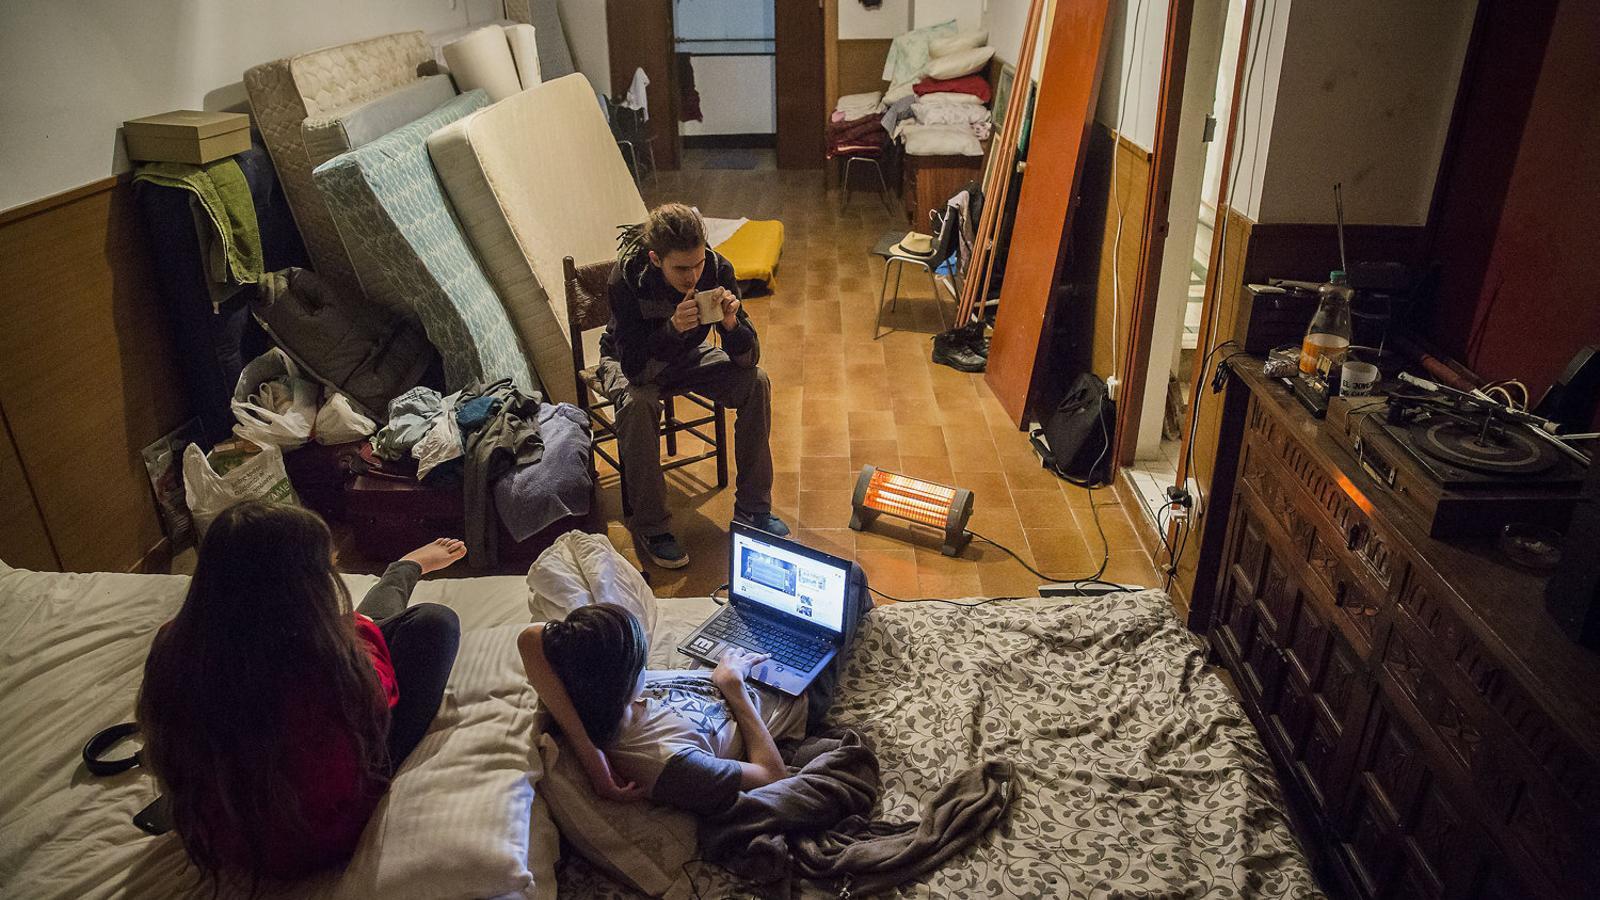 El Mark i la Miroslava, d'esquena als llits, i l'Aleksander, de cara, fills de la família ucraïnesa que viu a l'espai ocupat Casa Cadis.